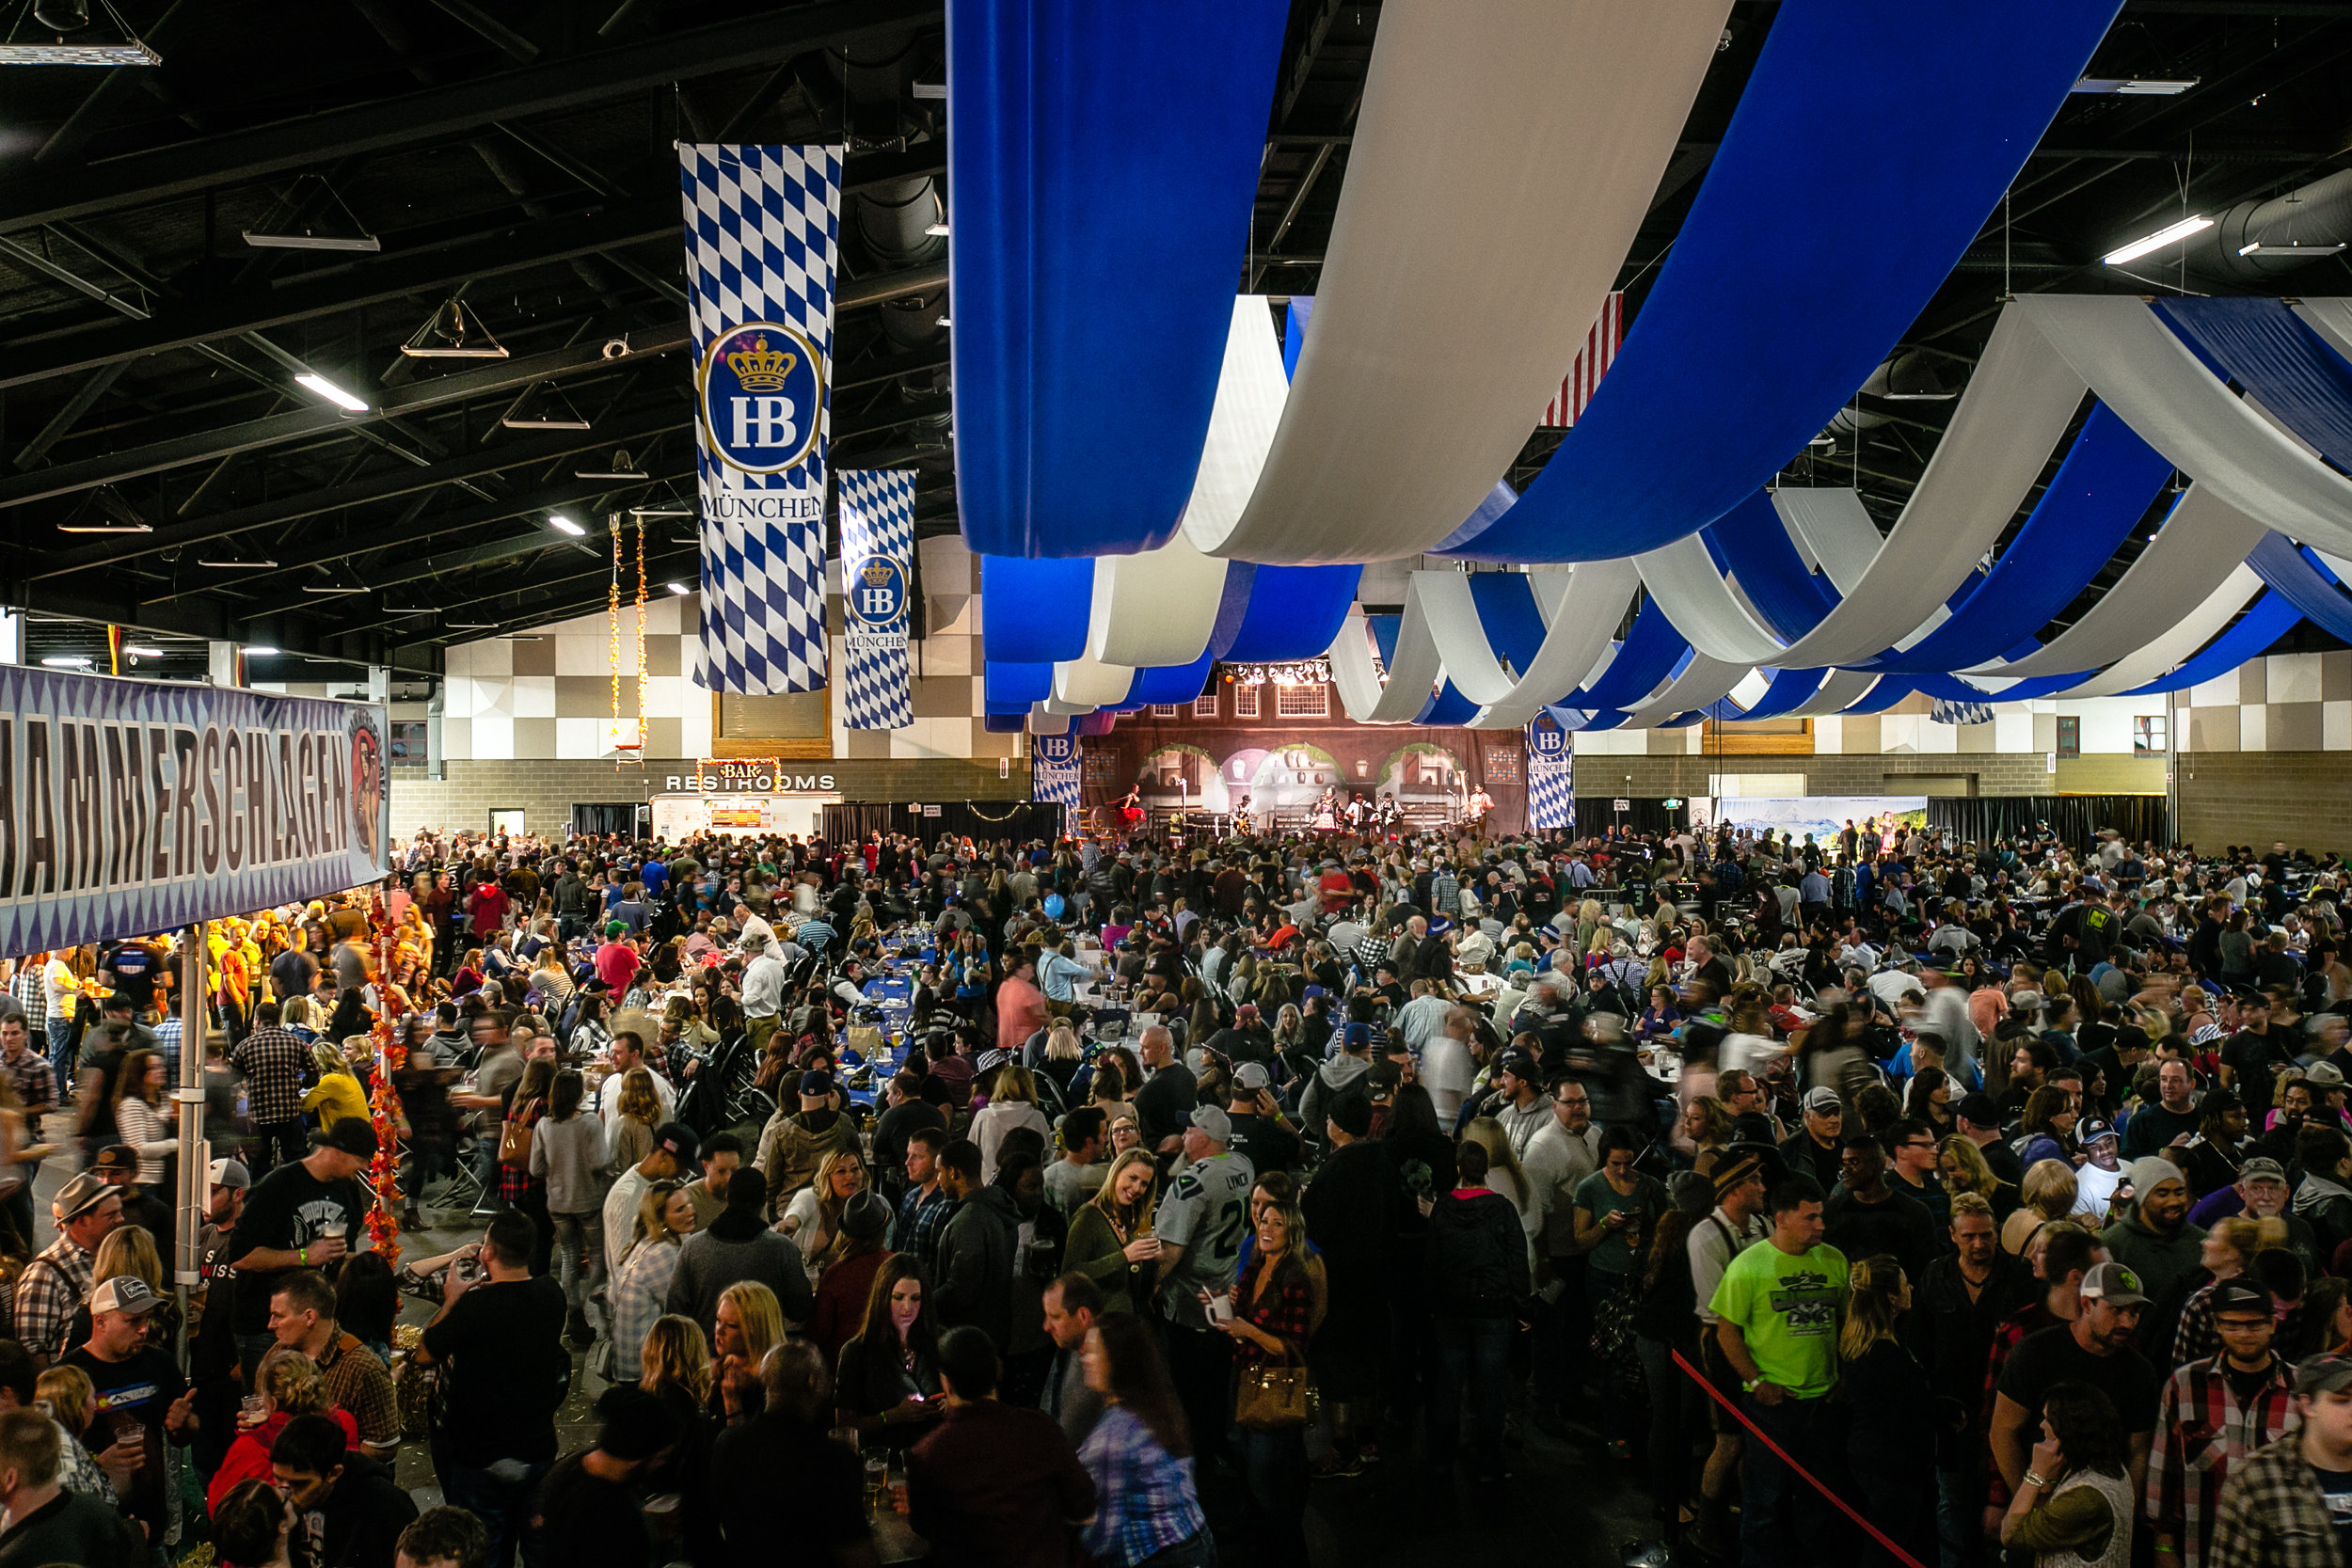 Great crowd shot from Hammerschlagen 2015.jpg